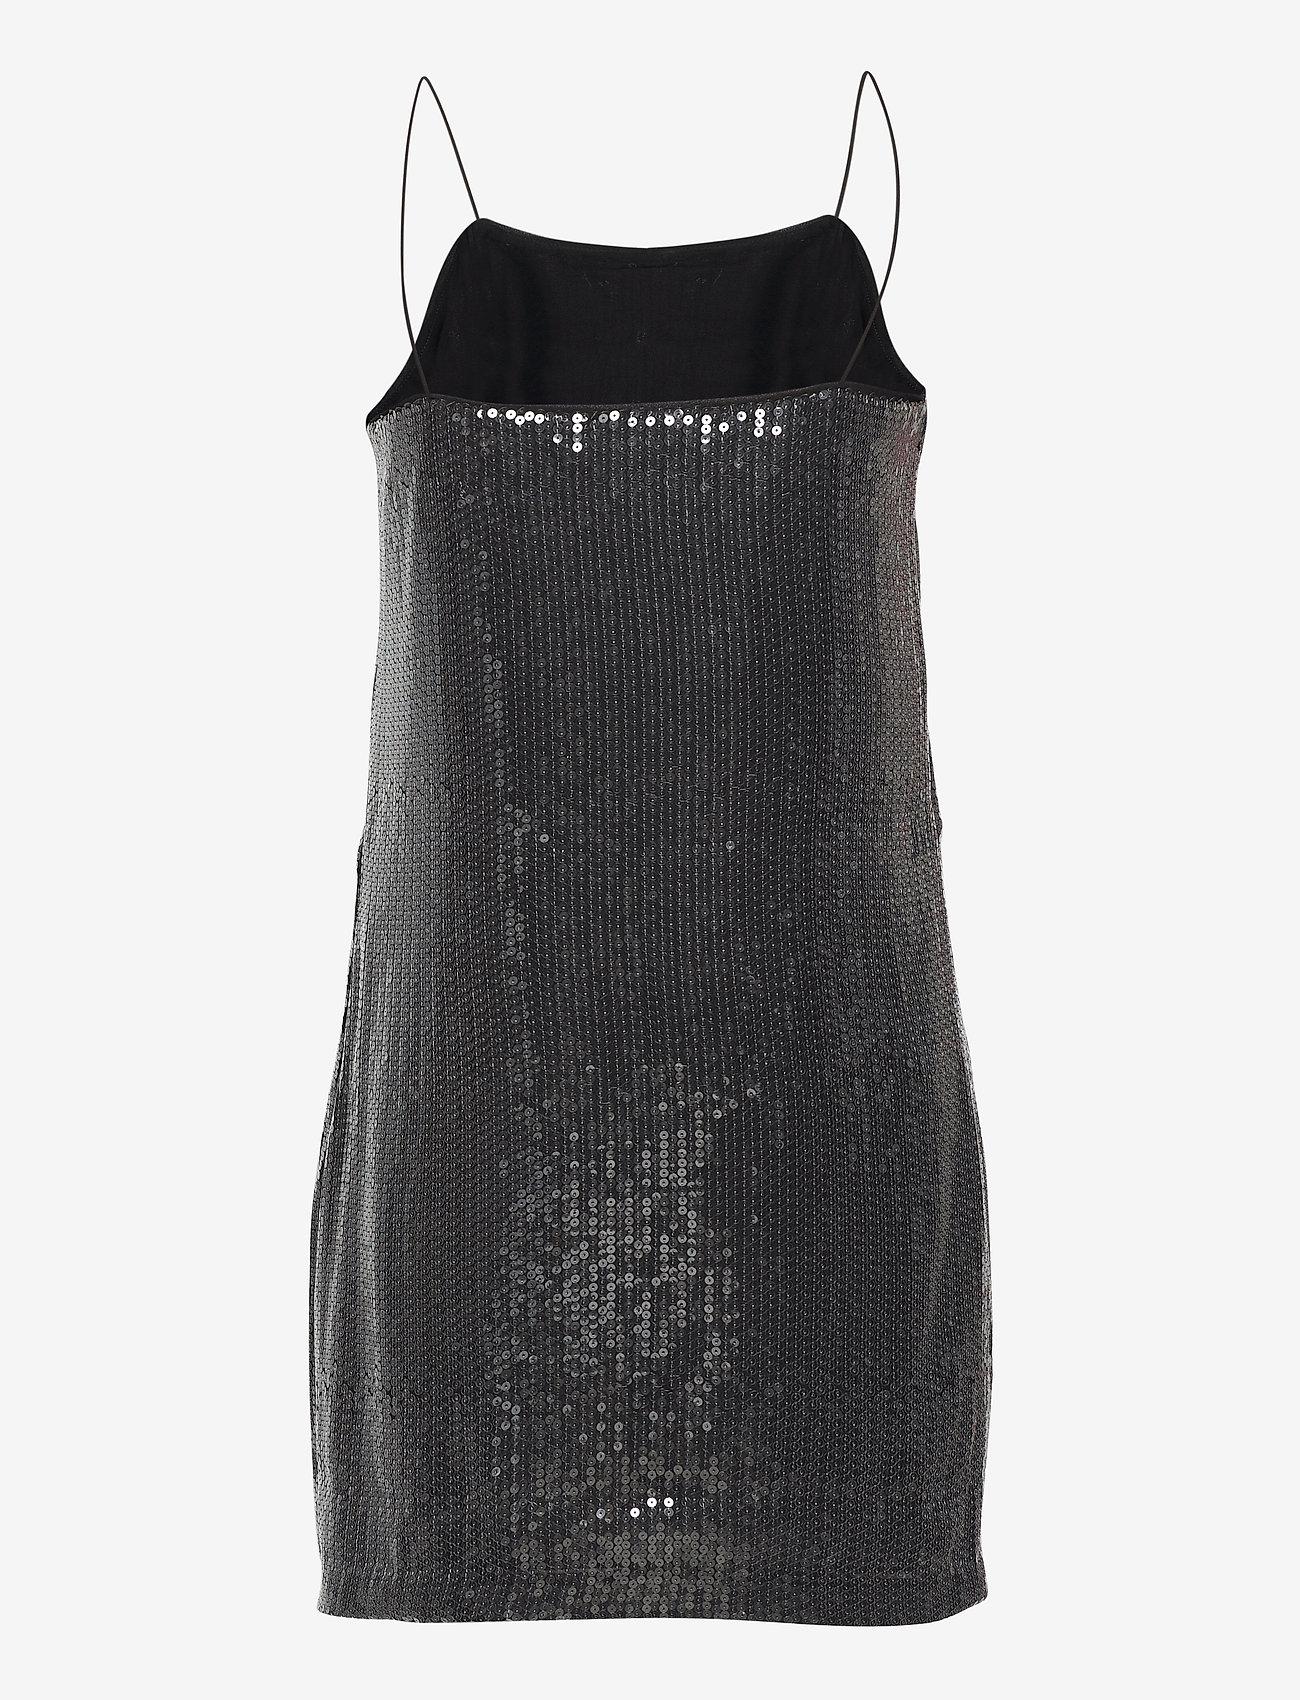 Calvin Klein Jeans - SEQUIN LOGO STRAP DRESS - festkjoler - ck black - 1